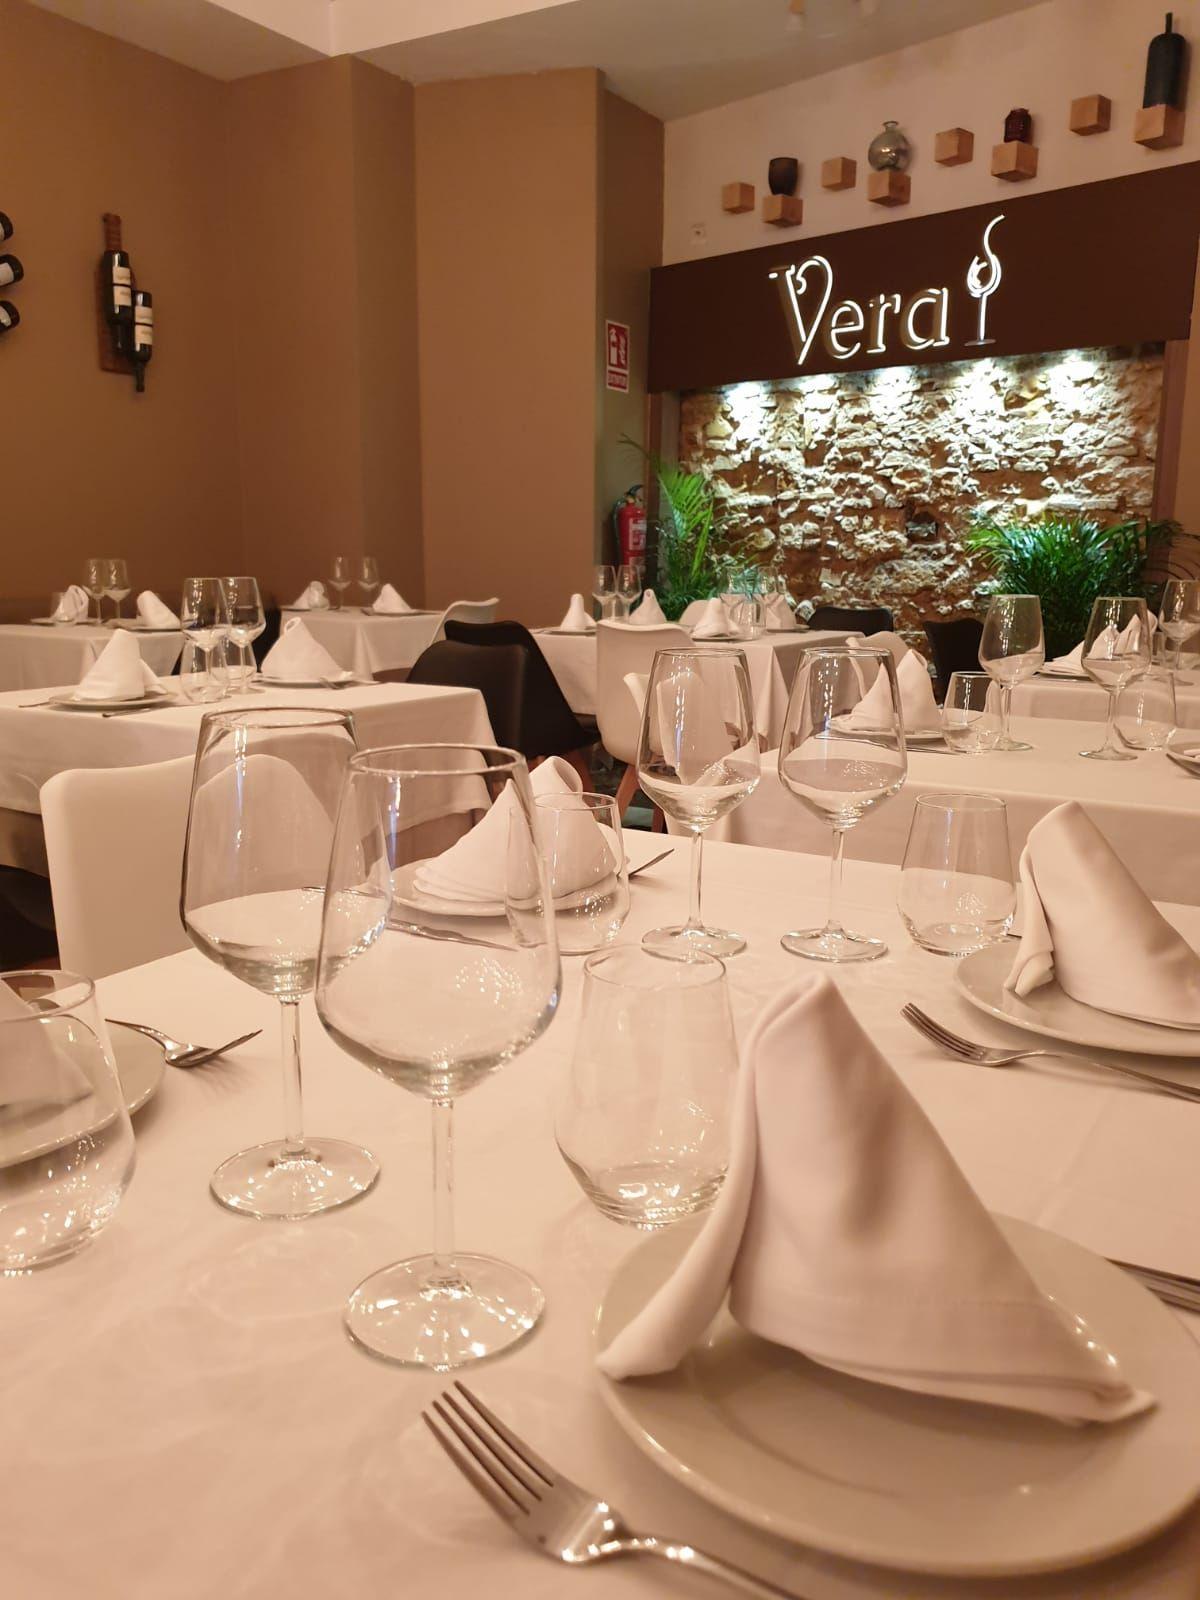 Foto 6 de Restaurante ecuatoriano en Valencia | Vera Restaurante